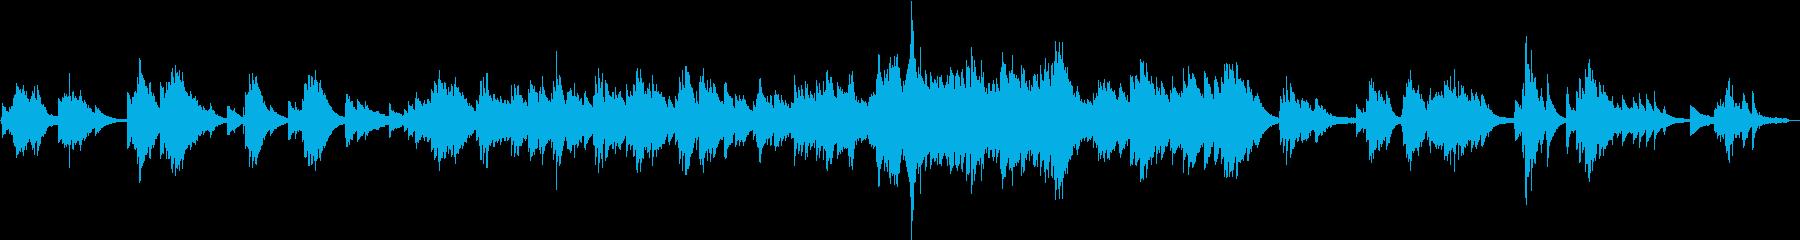 ノーブルな雰囲気のピアノ小曲の再生済みの波形